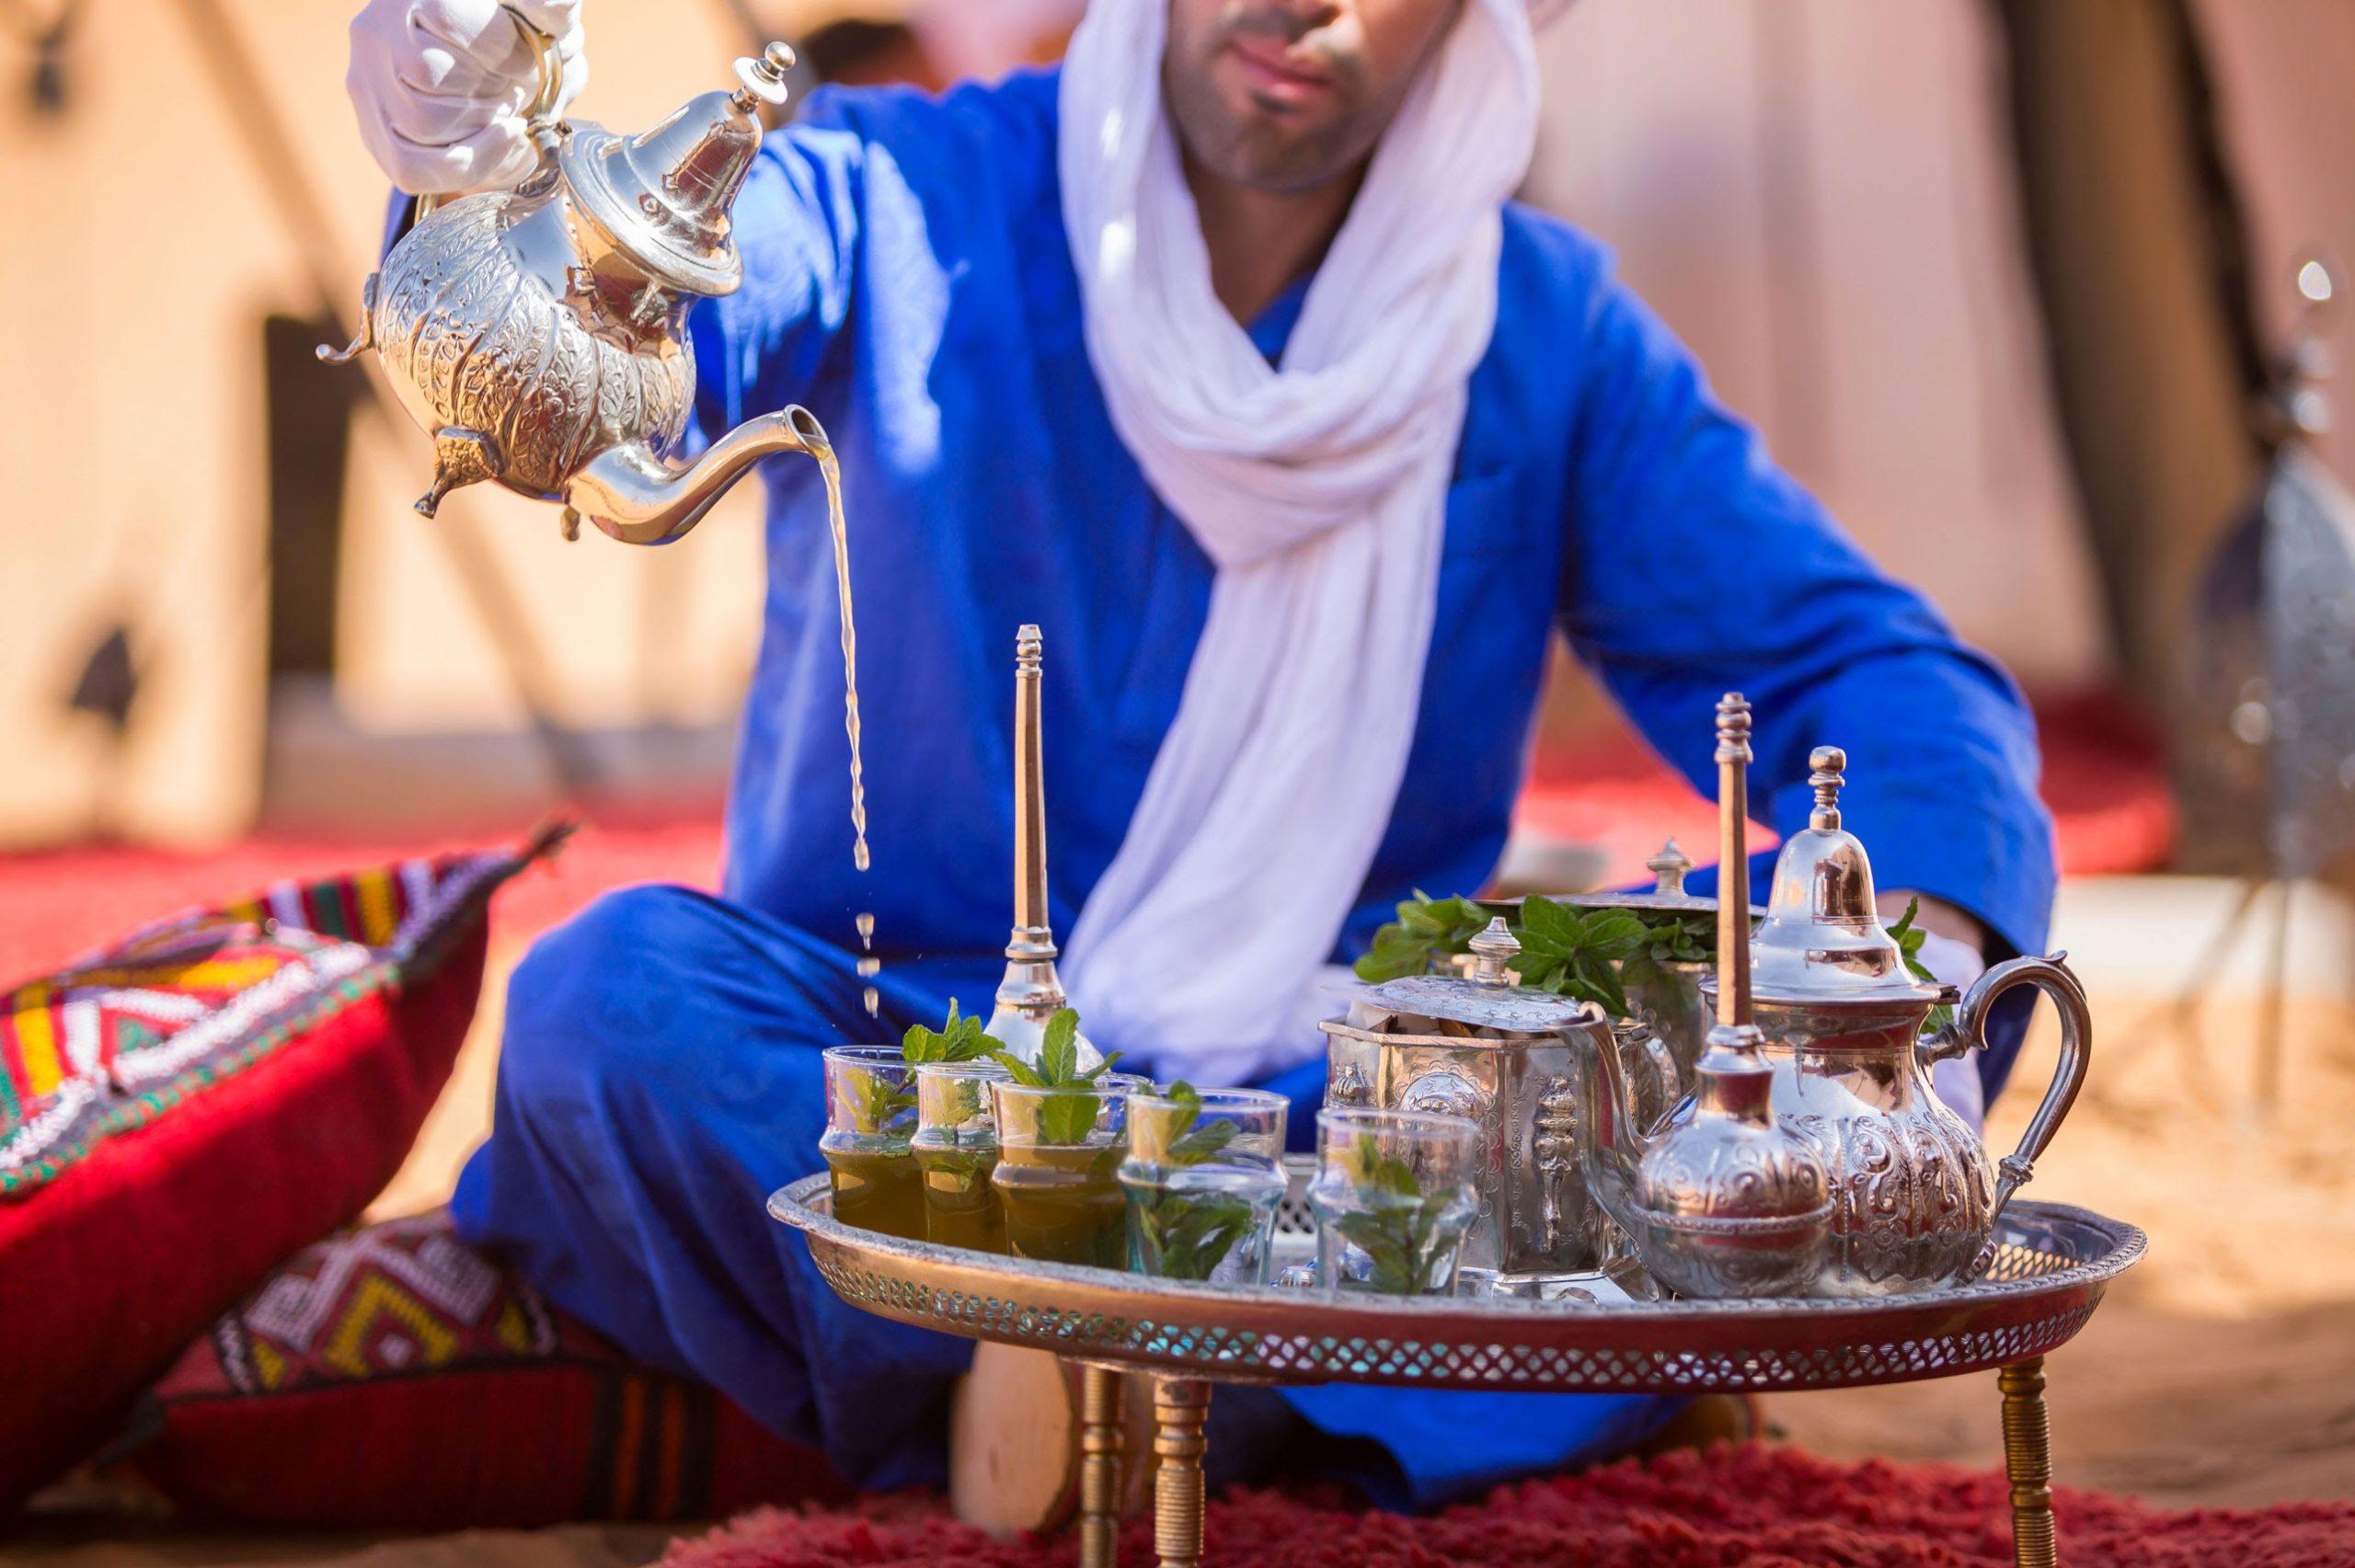 Tea making in the desert